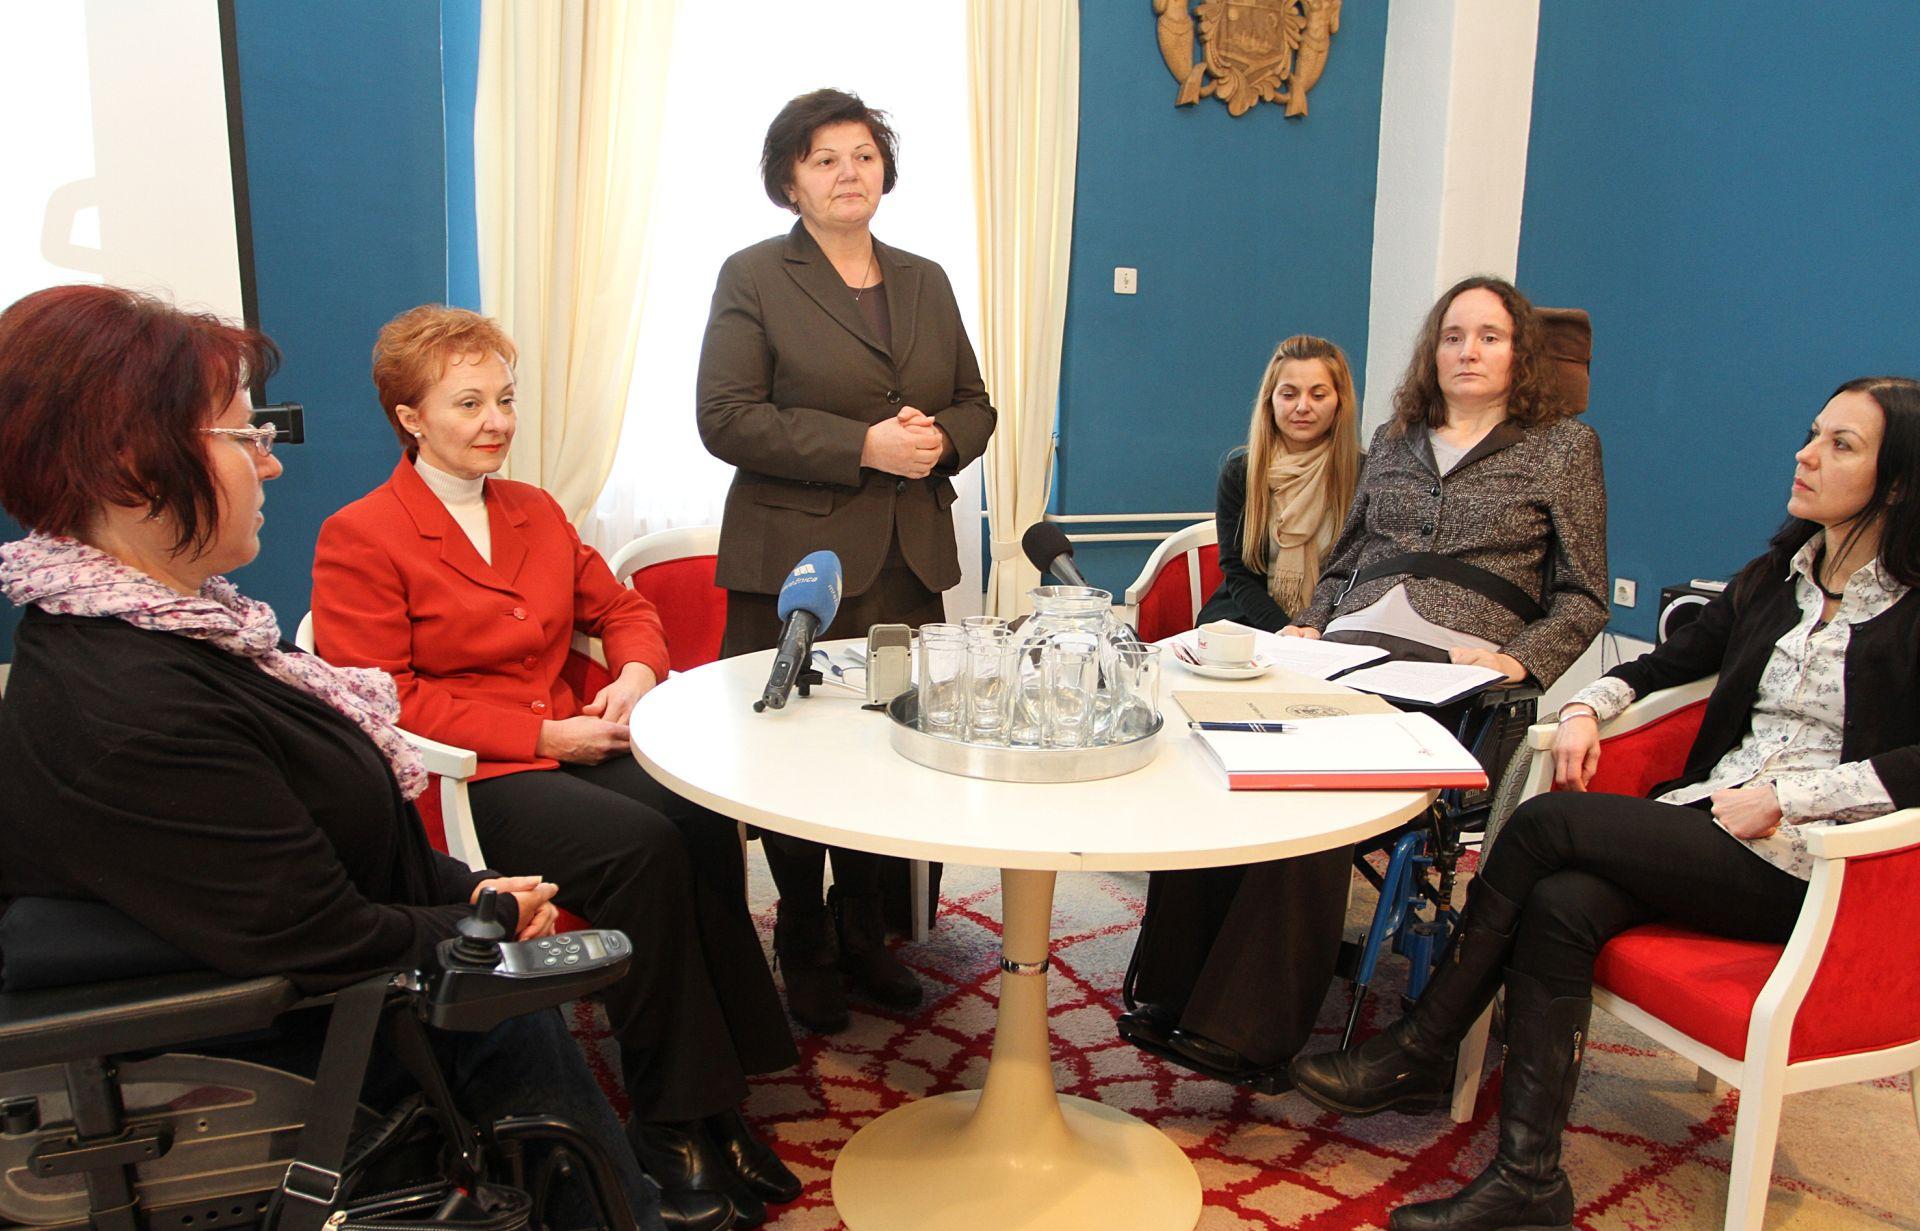 Pravobraniteljica: Hrvatska nije iskoristila potencijalne sposobnosti invalida rada